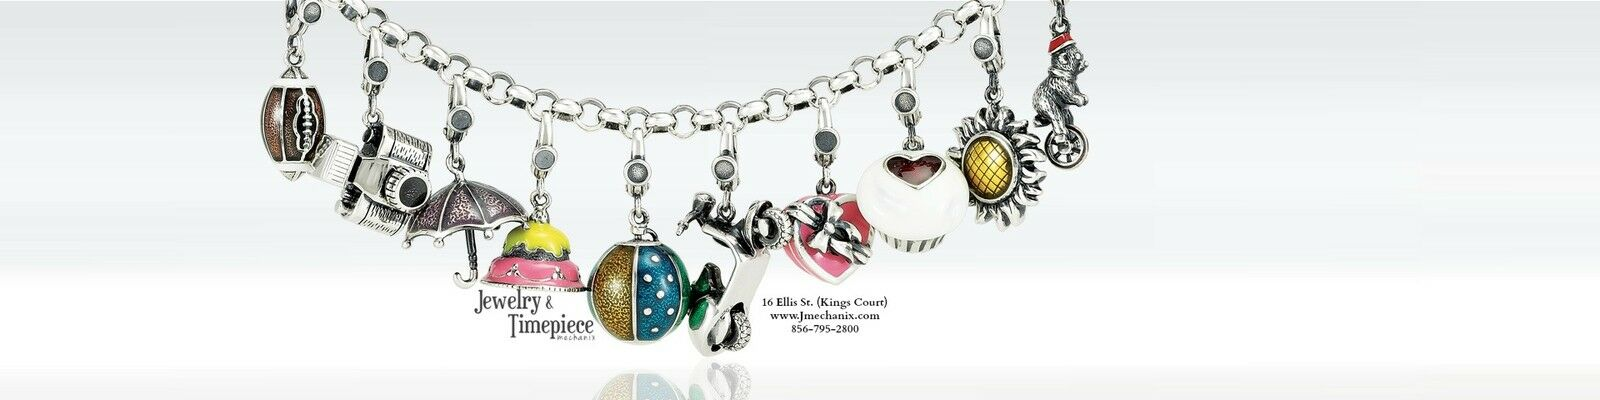 thebarefootjeweler